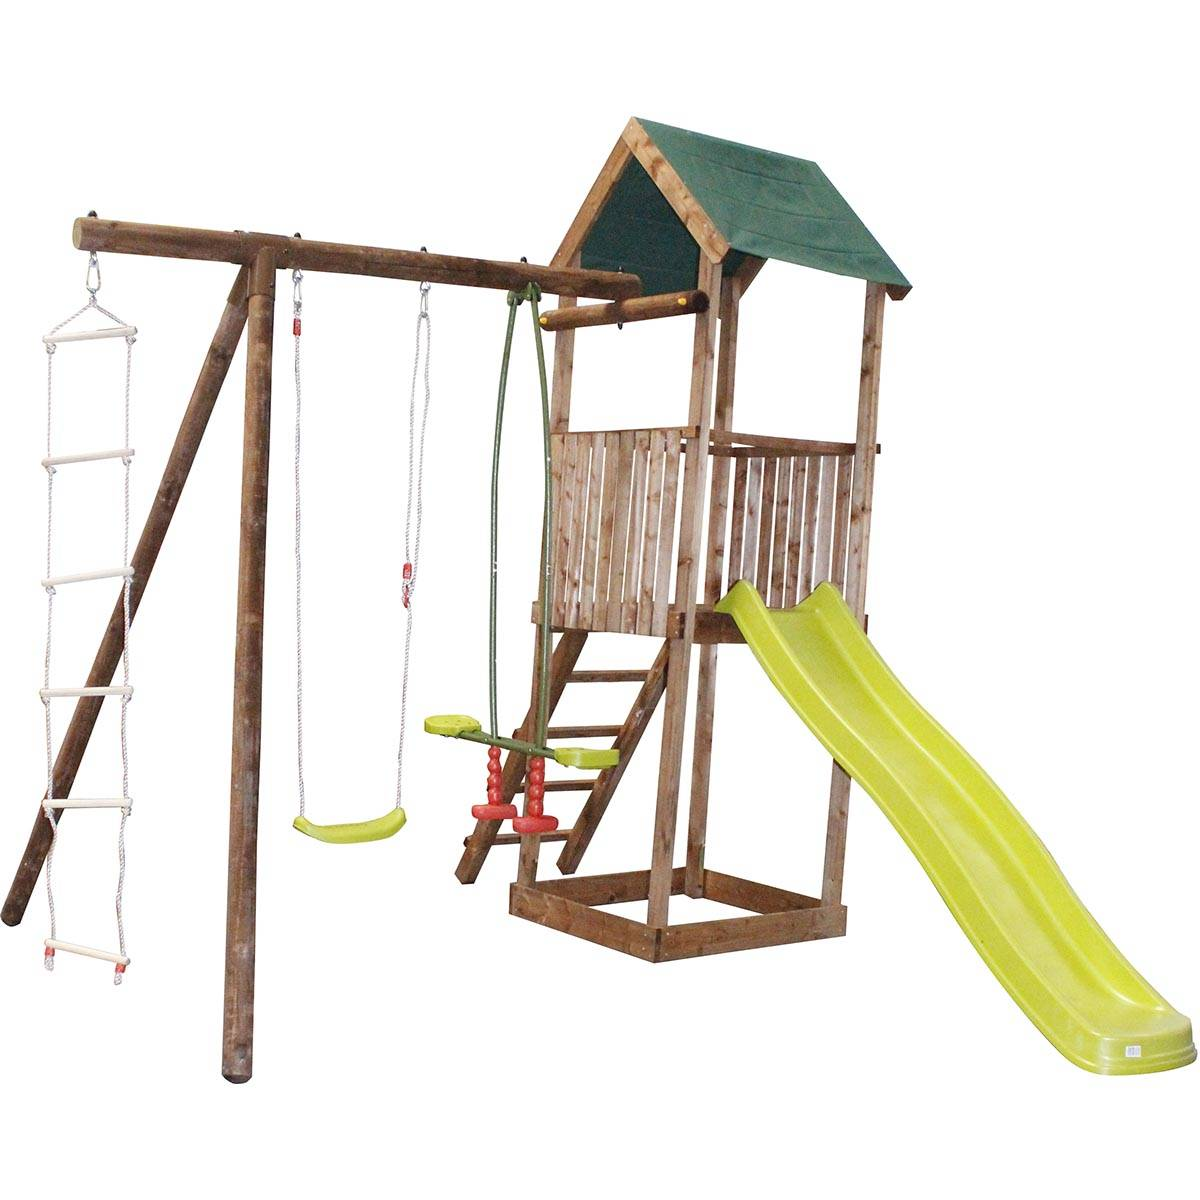 SOULET Aire de jeux en bois portique tour et toboggan - Libellule